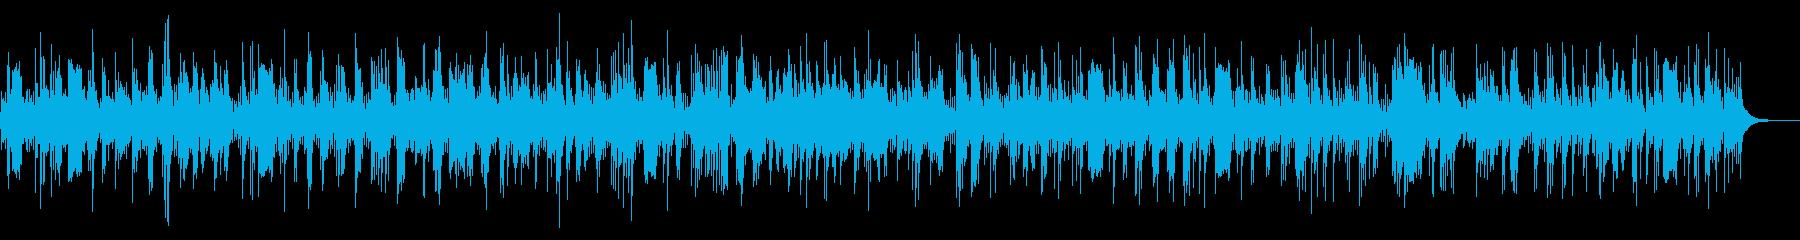 悲しくて切ない生音ボレロギターバンドの再生済みの波形